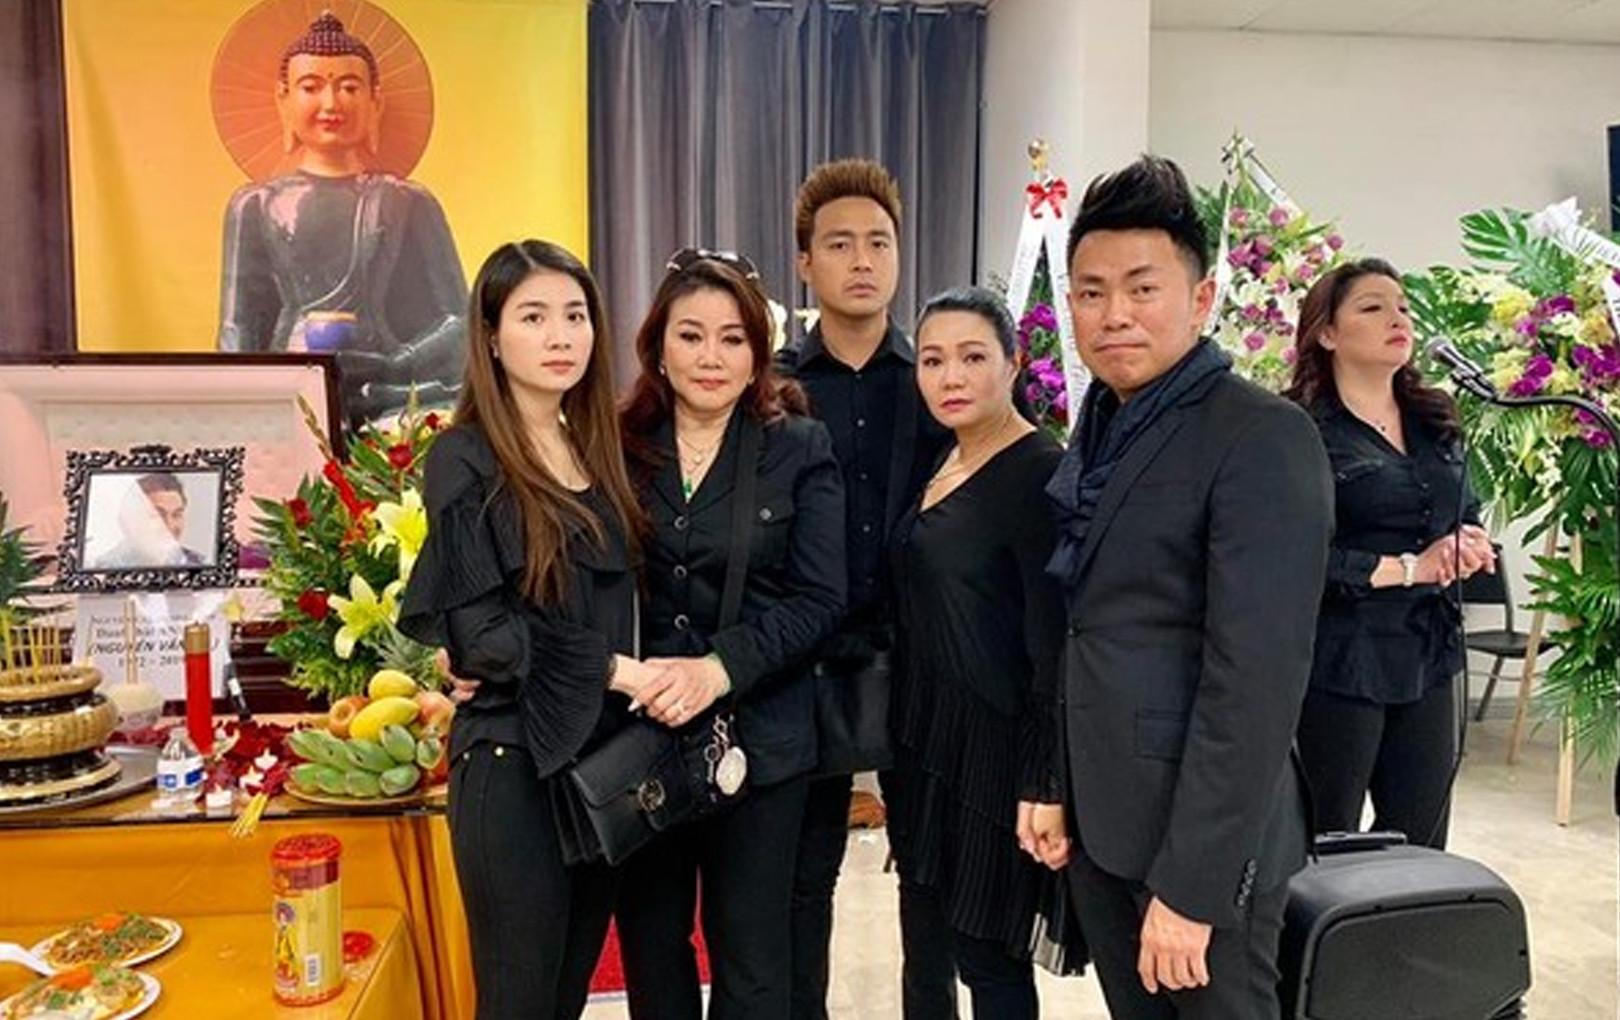 Hương Lan, Hồng Đào, Thanh Duy, Kha Ly đến tiễn biệt Anh Vũ tại Mỹ: Ấm áp tình nghệ sĩ